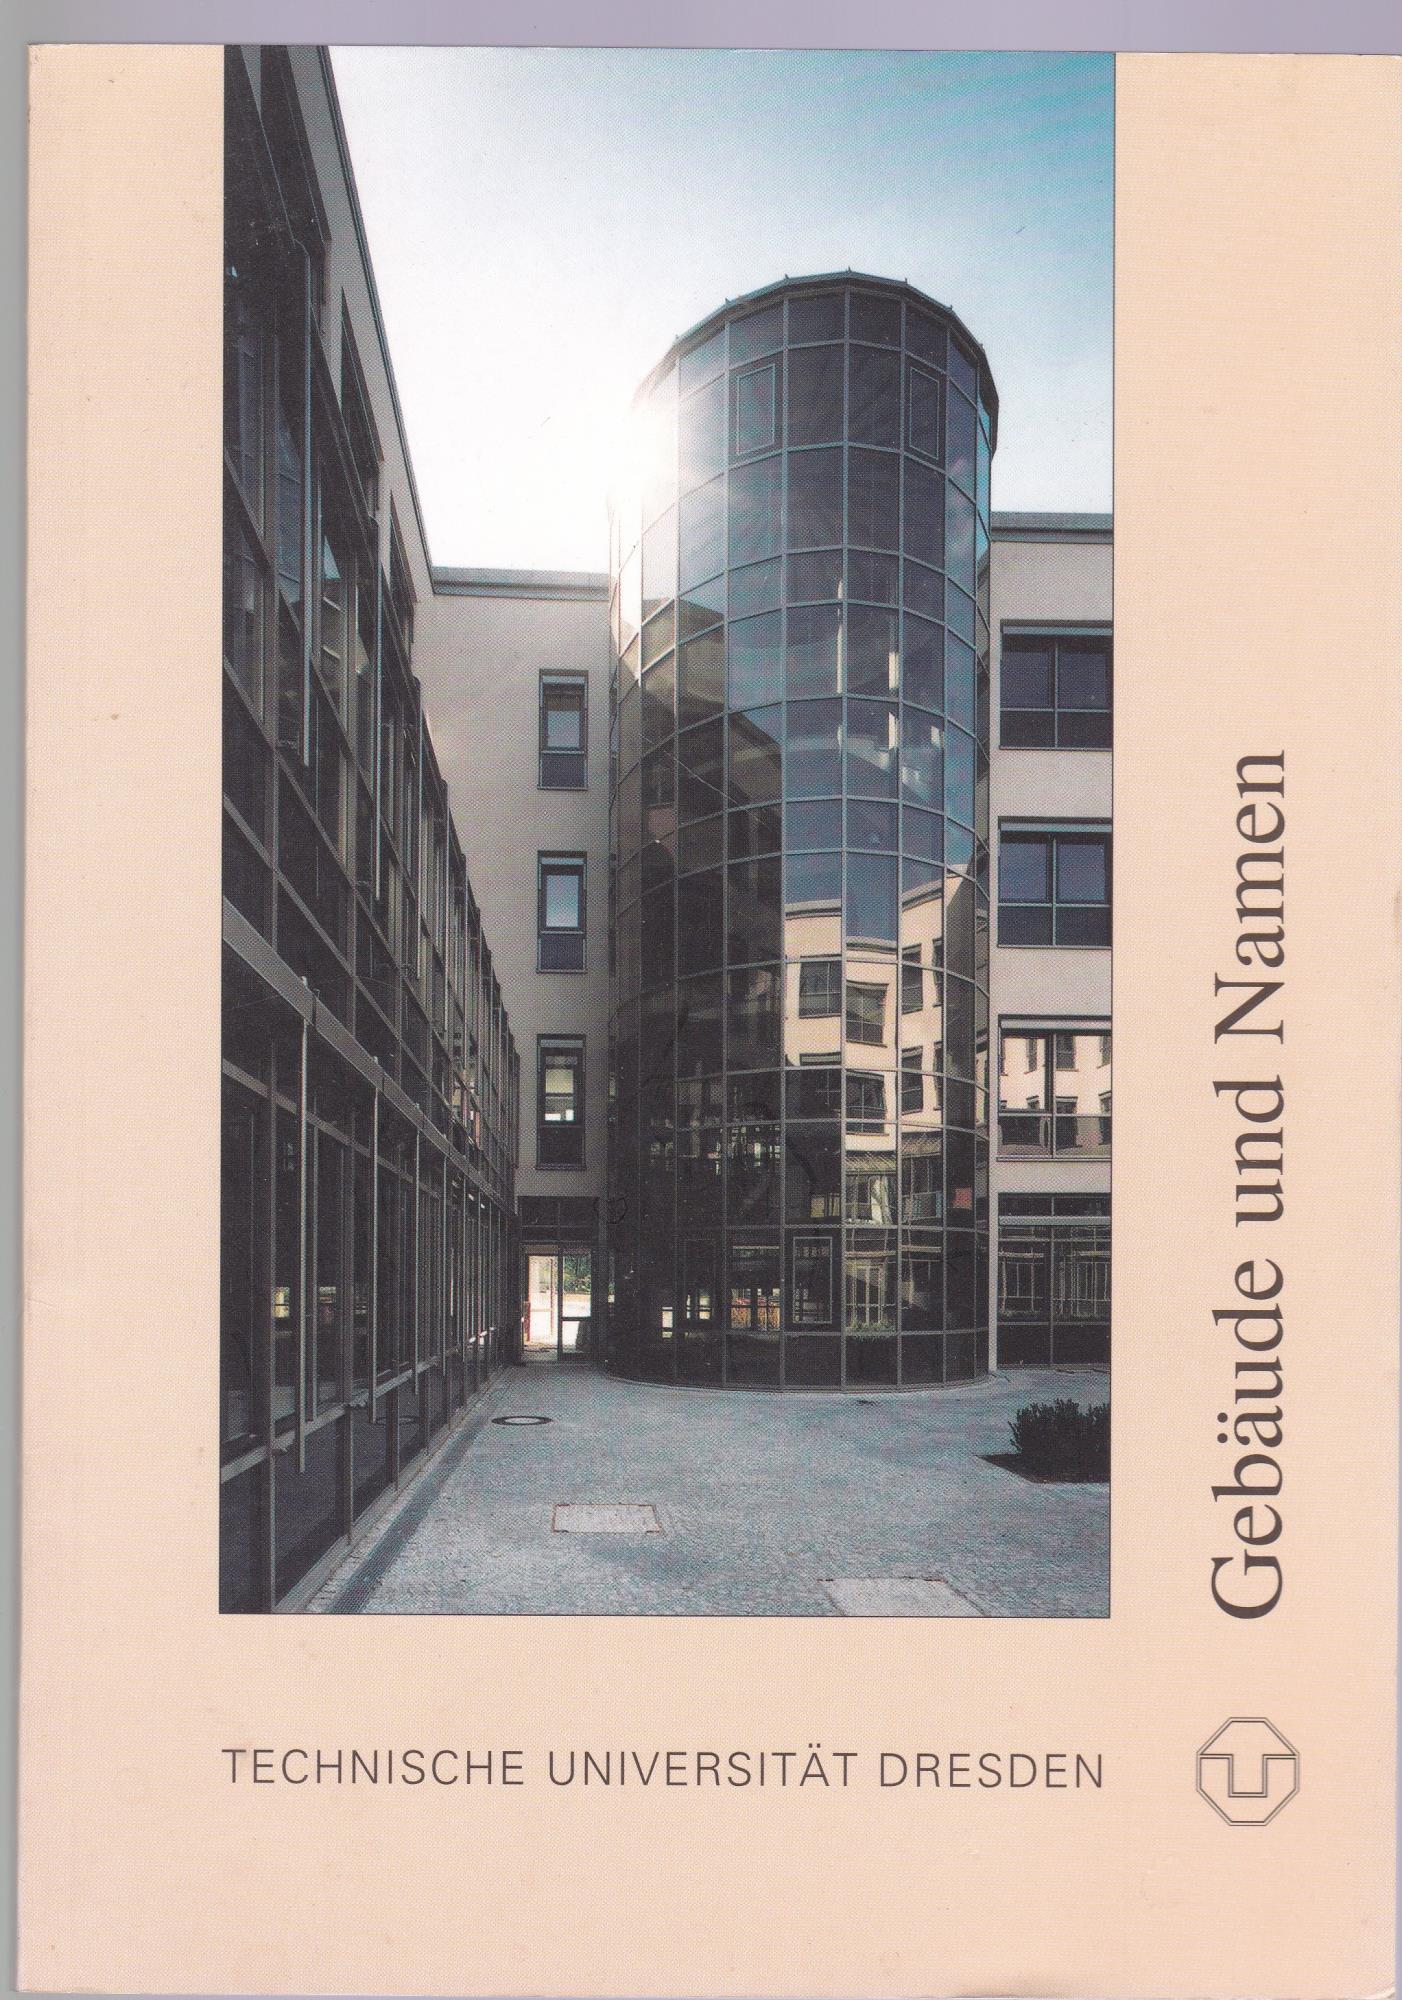 Gebäude und Namen. Technische Universität Dresden,: Karin Fischer